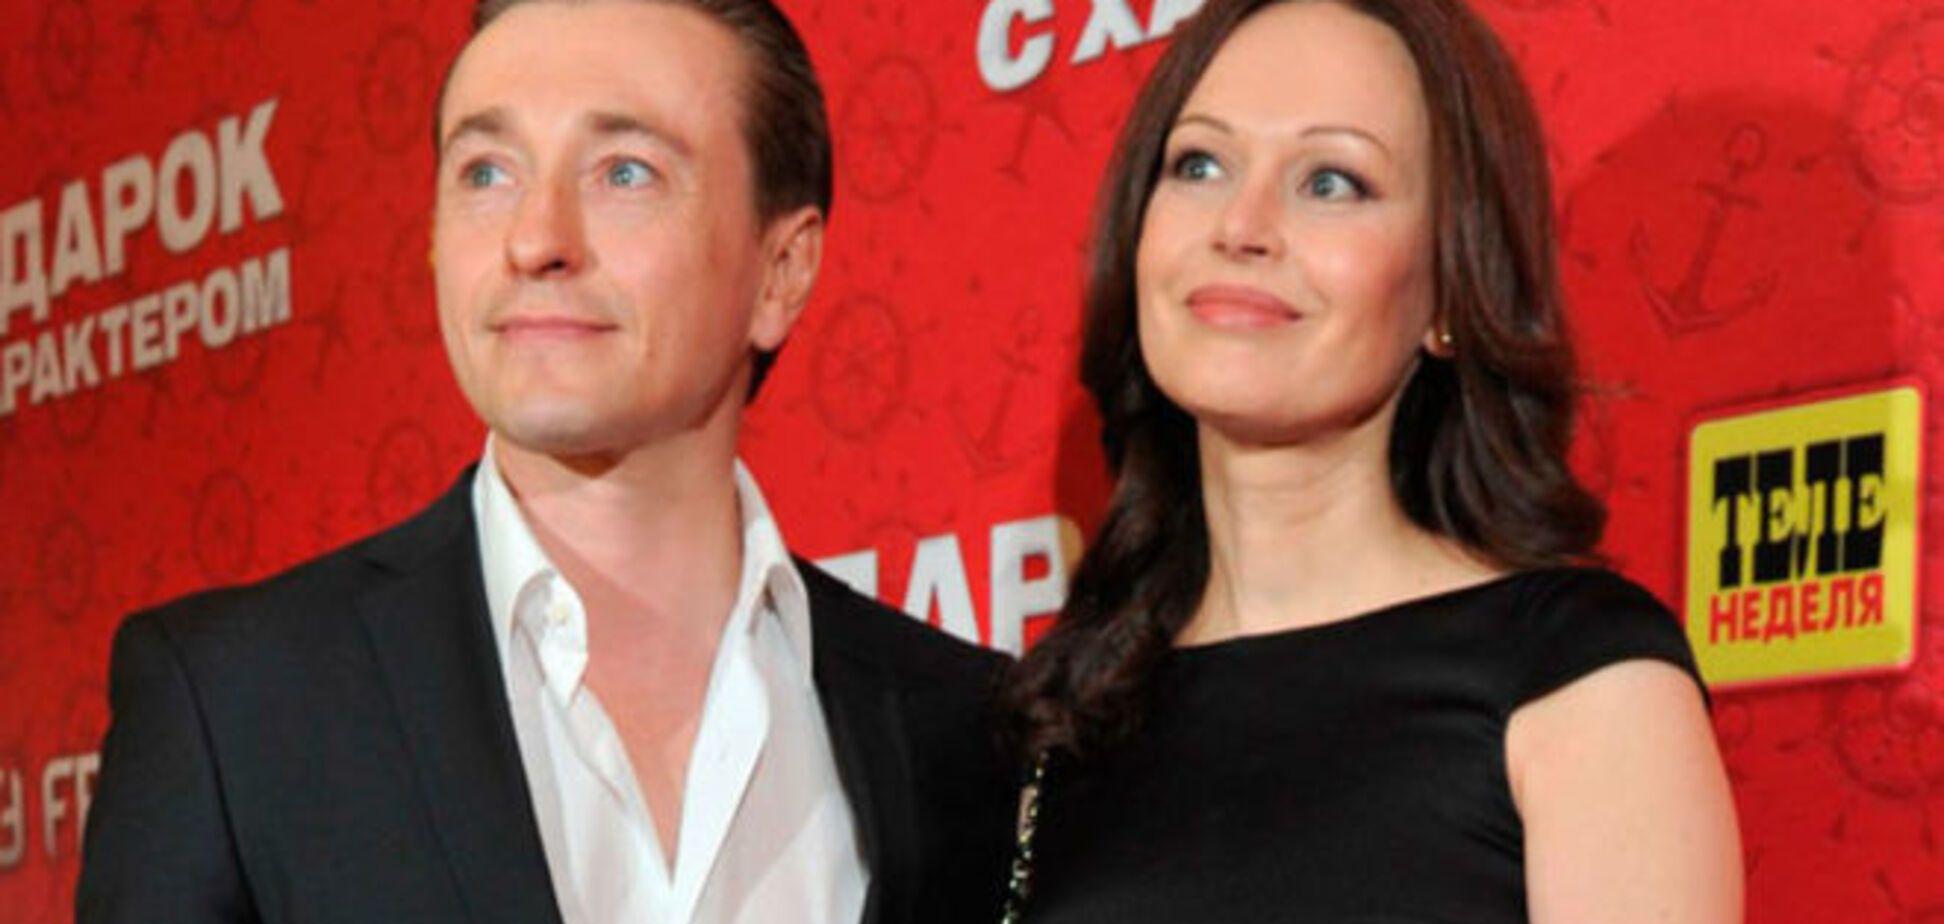 Сергей Безруков бросил жену после 15 лет брака - СМИ